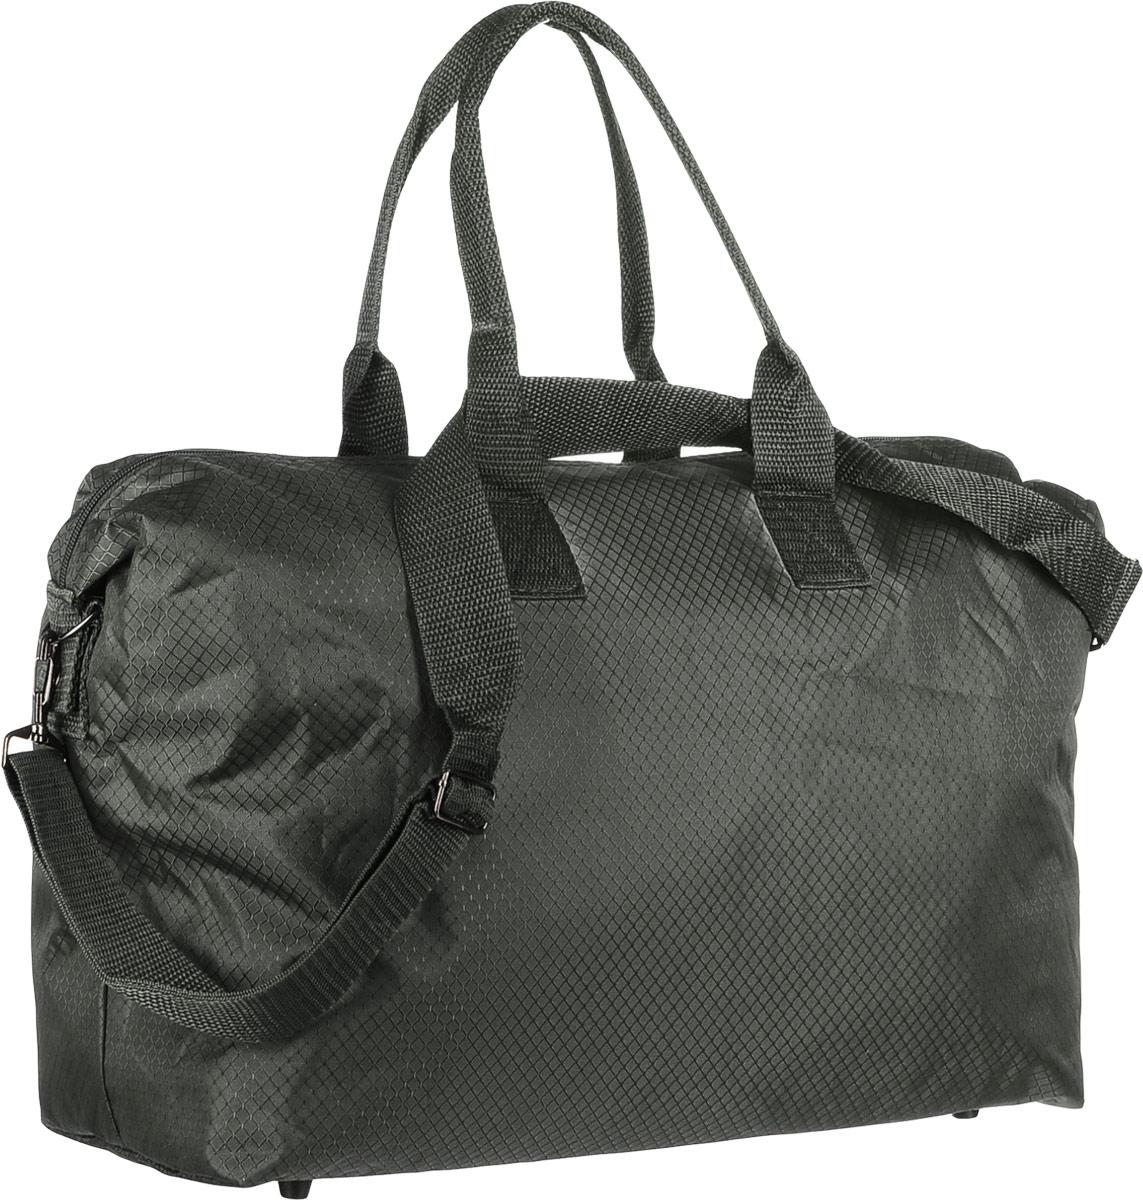 Сумка дорожная  Sarabella , цвет: зеленый, 43 х 18 х 32 см. 1388688 - Дорожные сумки